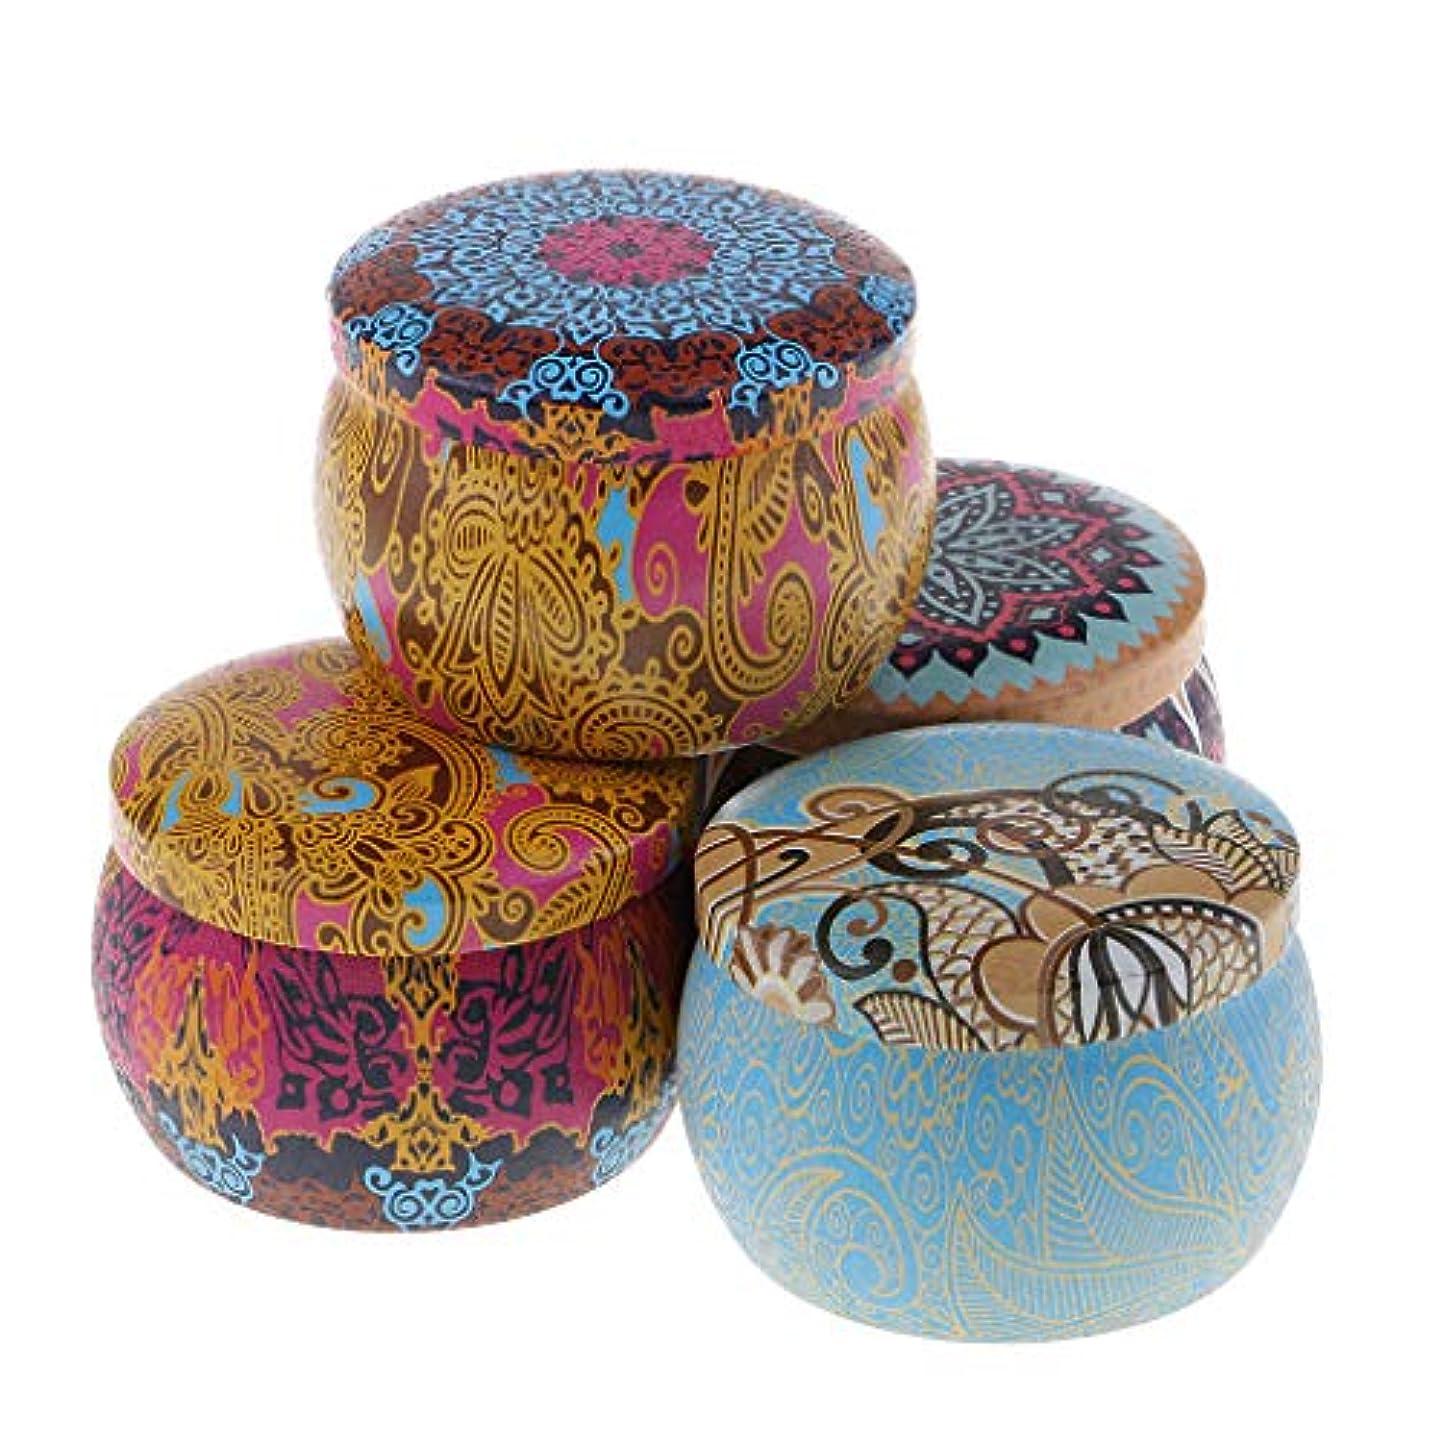 磁器あいにく優しいD DOLITY 民族風 アロマキャンドル 大豆 4個 贈り物 蝋燭 可愛い外観 癒しの灯り 135g 消臭約24時間